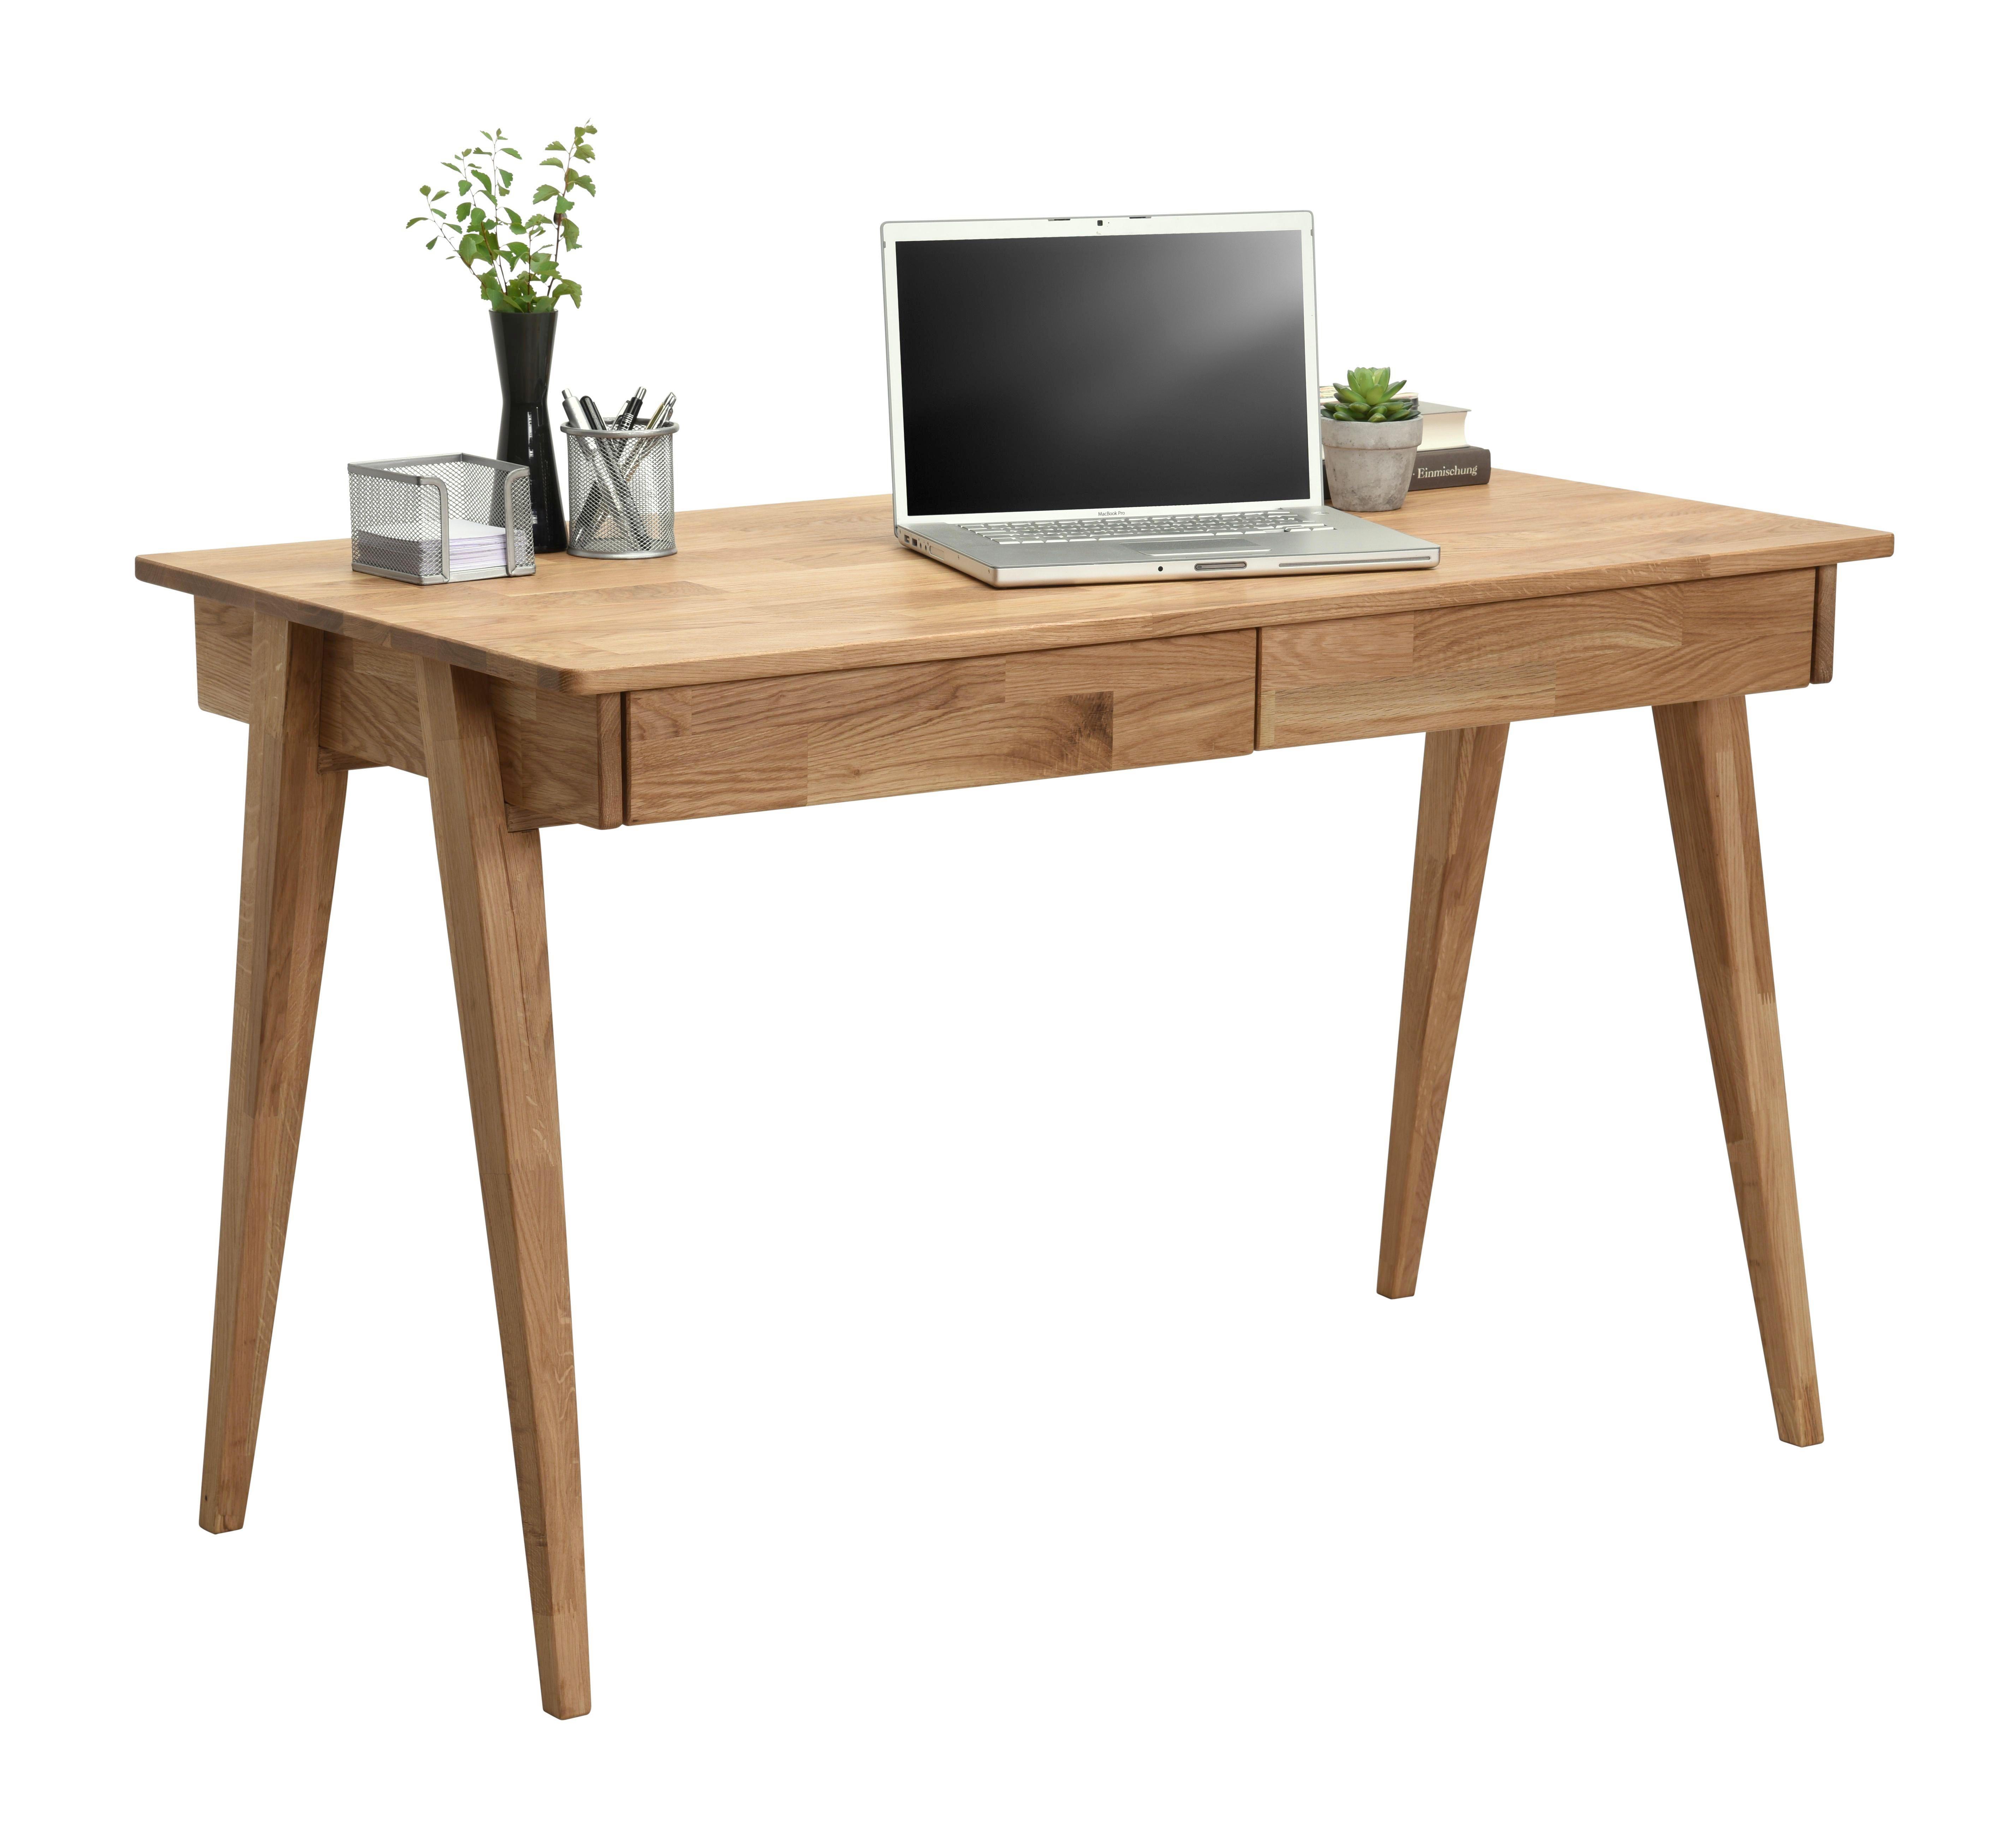 Schreibtisch Wildeiche Massiv Eichefarben Schreibtisch Holz Schreibtisch Modern Holzschreibtisch